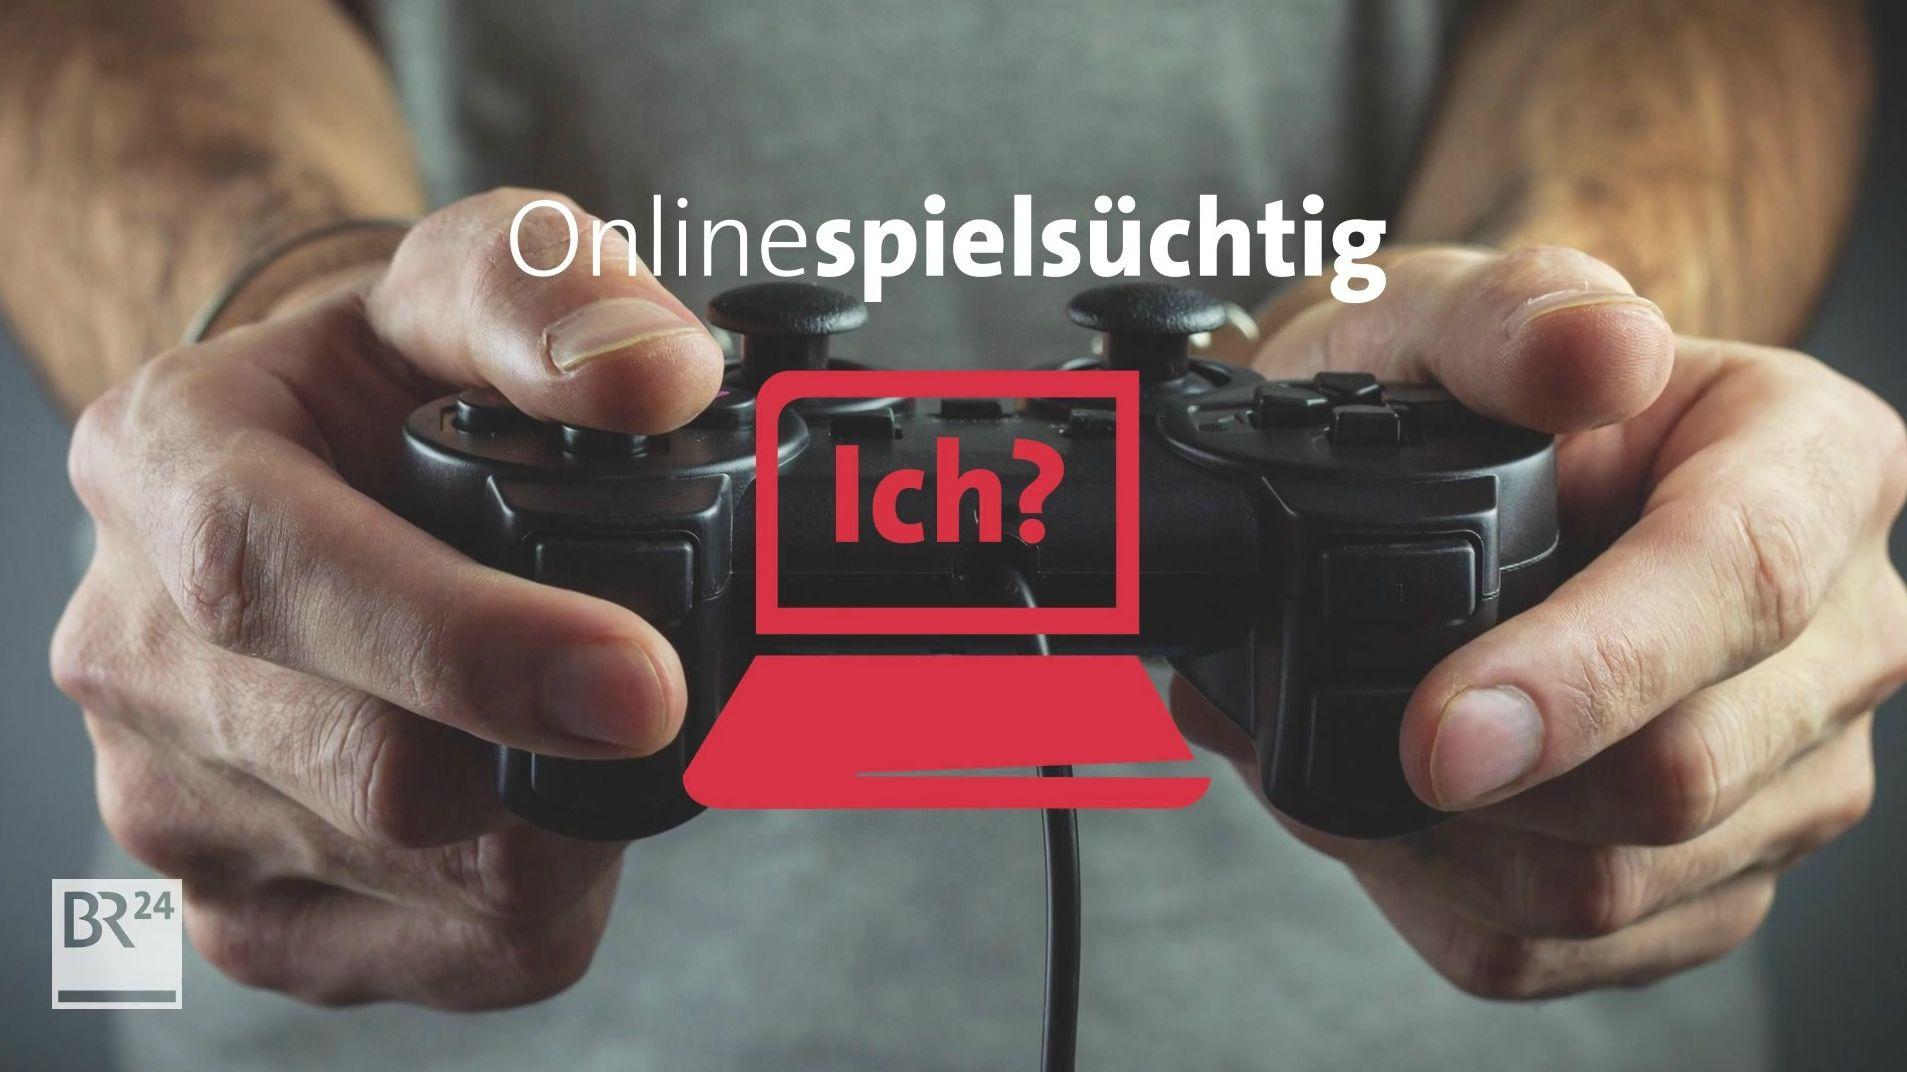 Onlinespielsüchtig? Ich?